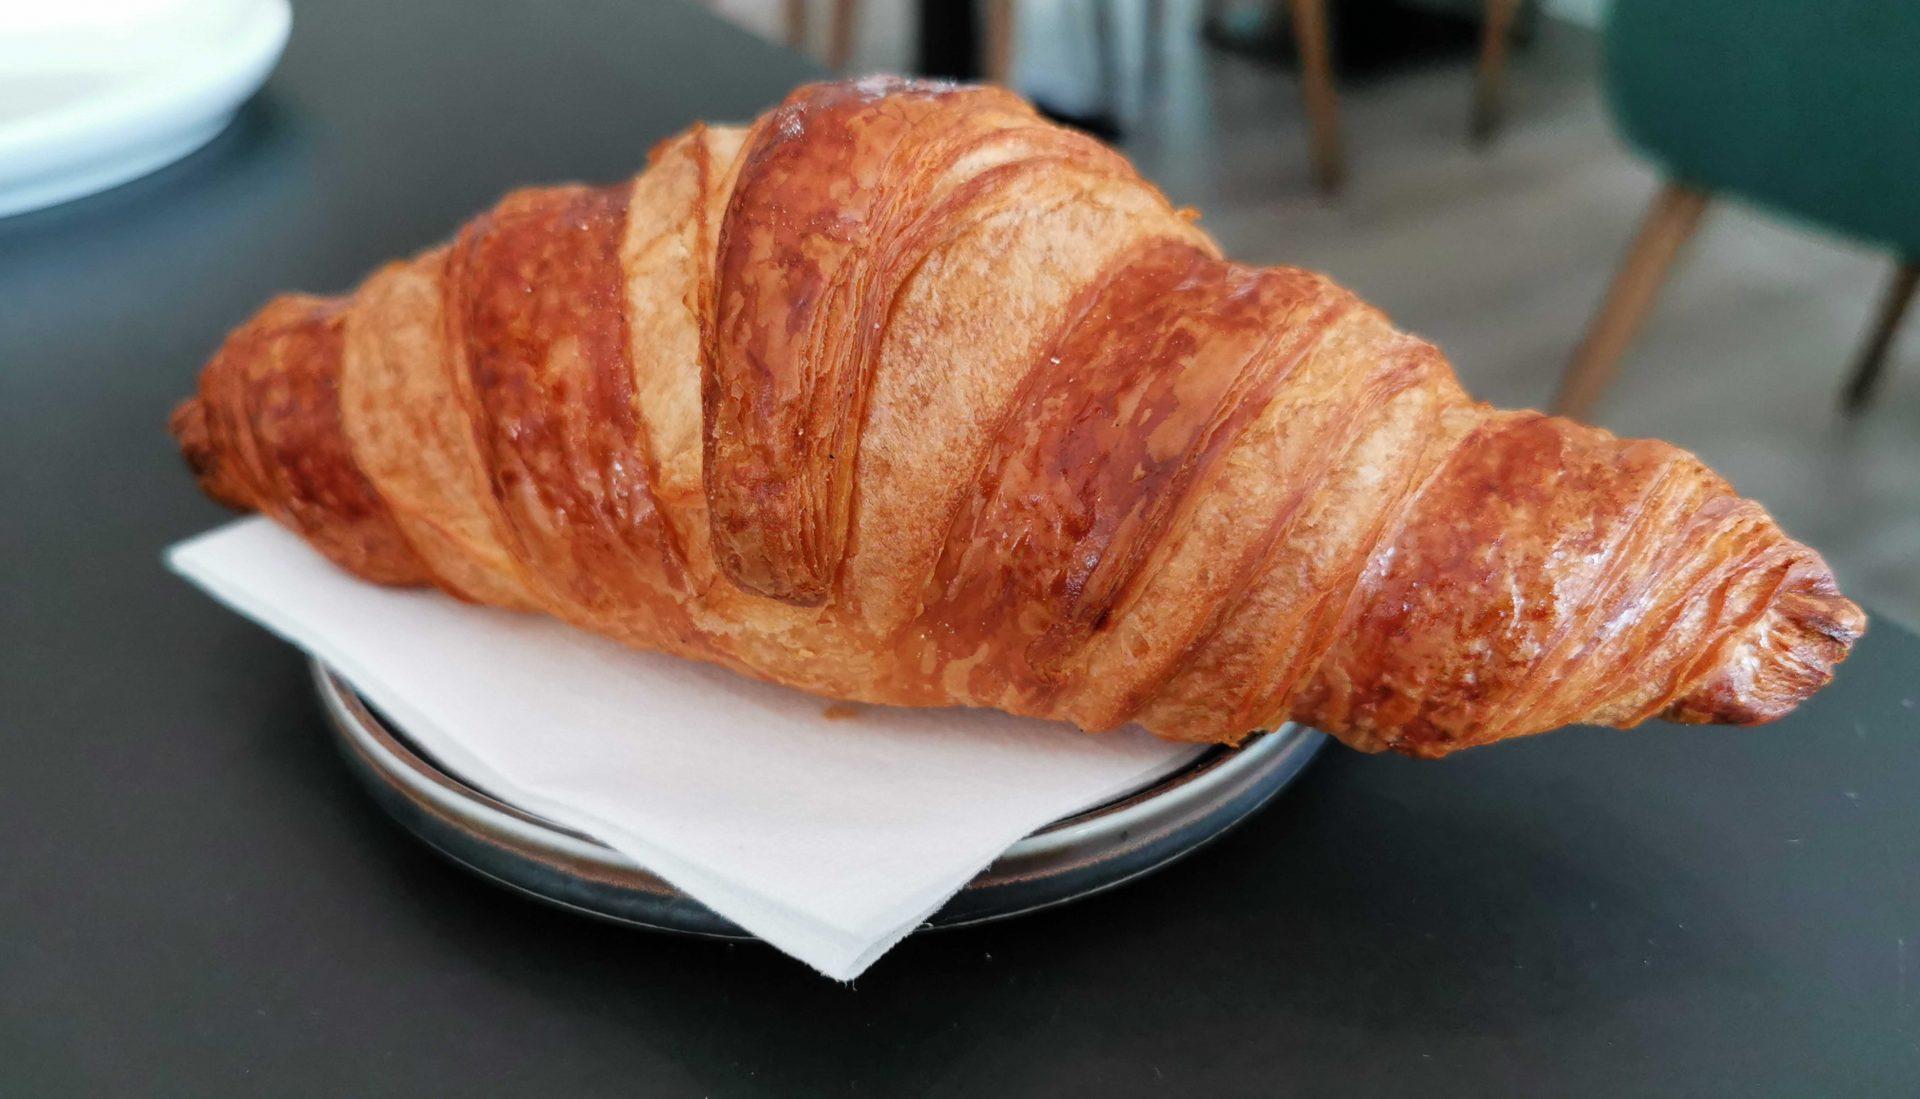 Madanmeldelse: Forrygende forførende fransk morgenmad hos Früd